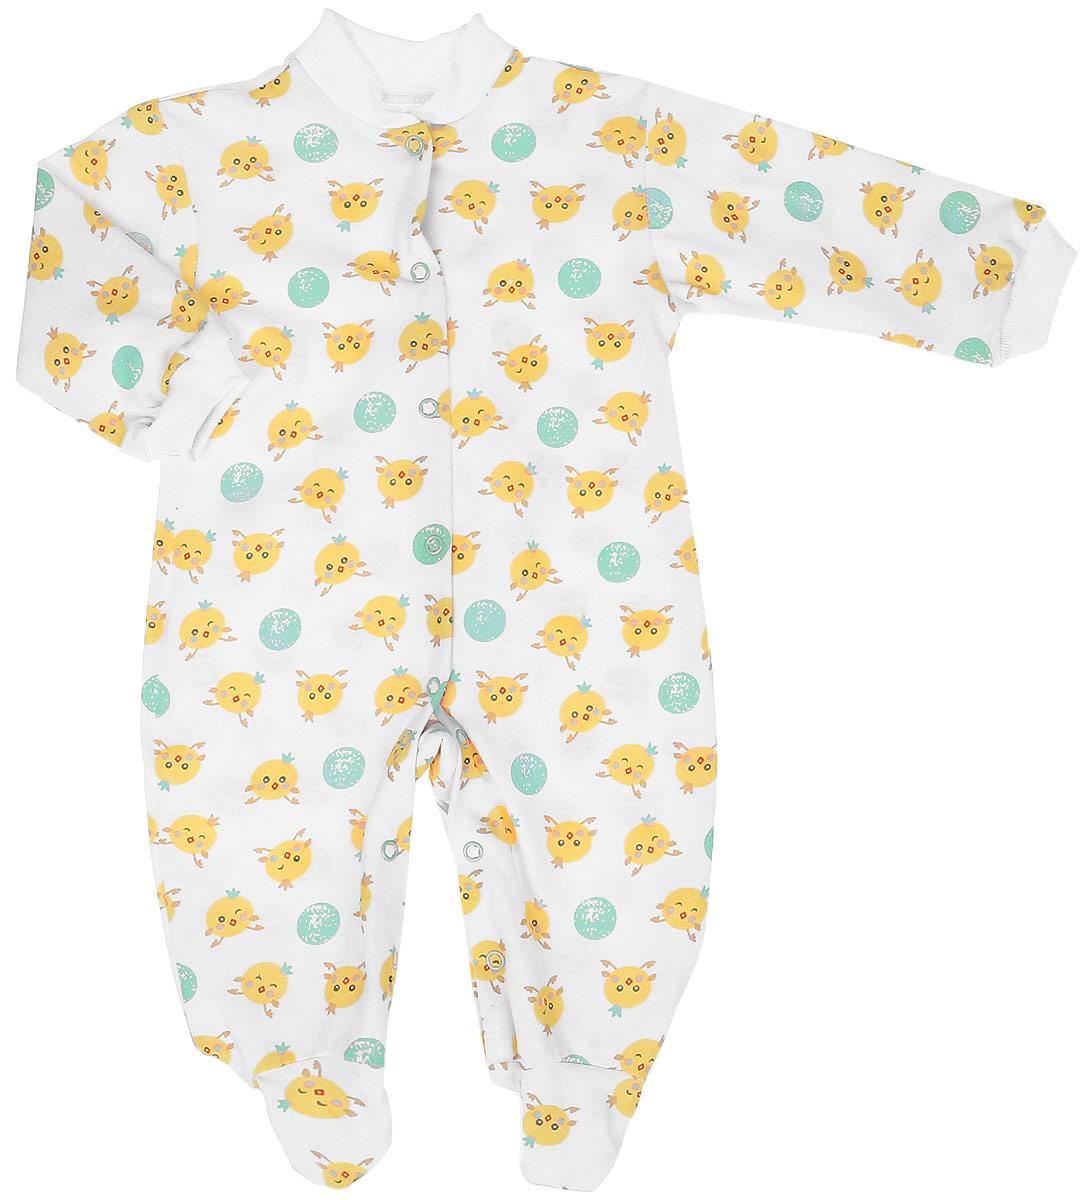 Комбинезон детский Чудесные одежки, цвет: белый, салатовый. 5801. Размер 865801Удобный детский комбинезон Чудесные одежки выполнен из натурального хлопка.Комбинезон с небольшим воротником-стойкой, длинными рукавами и закрытыми ножками имеет застежки-кнопки спереди и на ластовице, которые помогают легко переодеть младенца или сменить подгузник. Воротничок и манжеты на рукавах выполнены из трикотажной эластичной резинки. Изделие оформлено принтом с изображением цыплят.